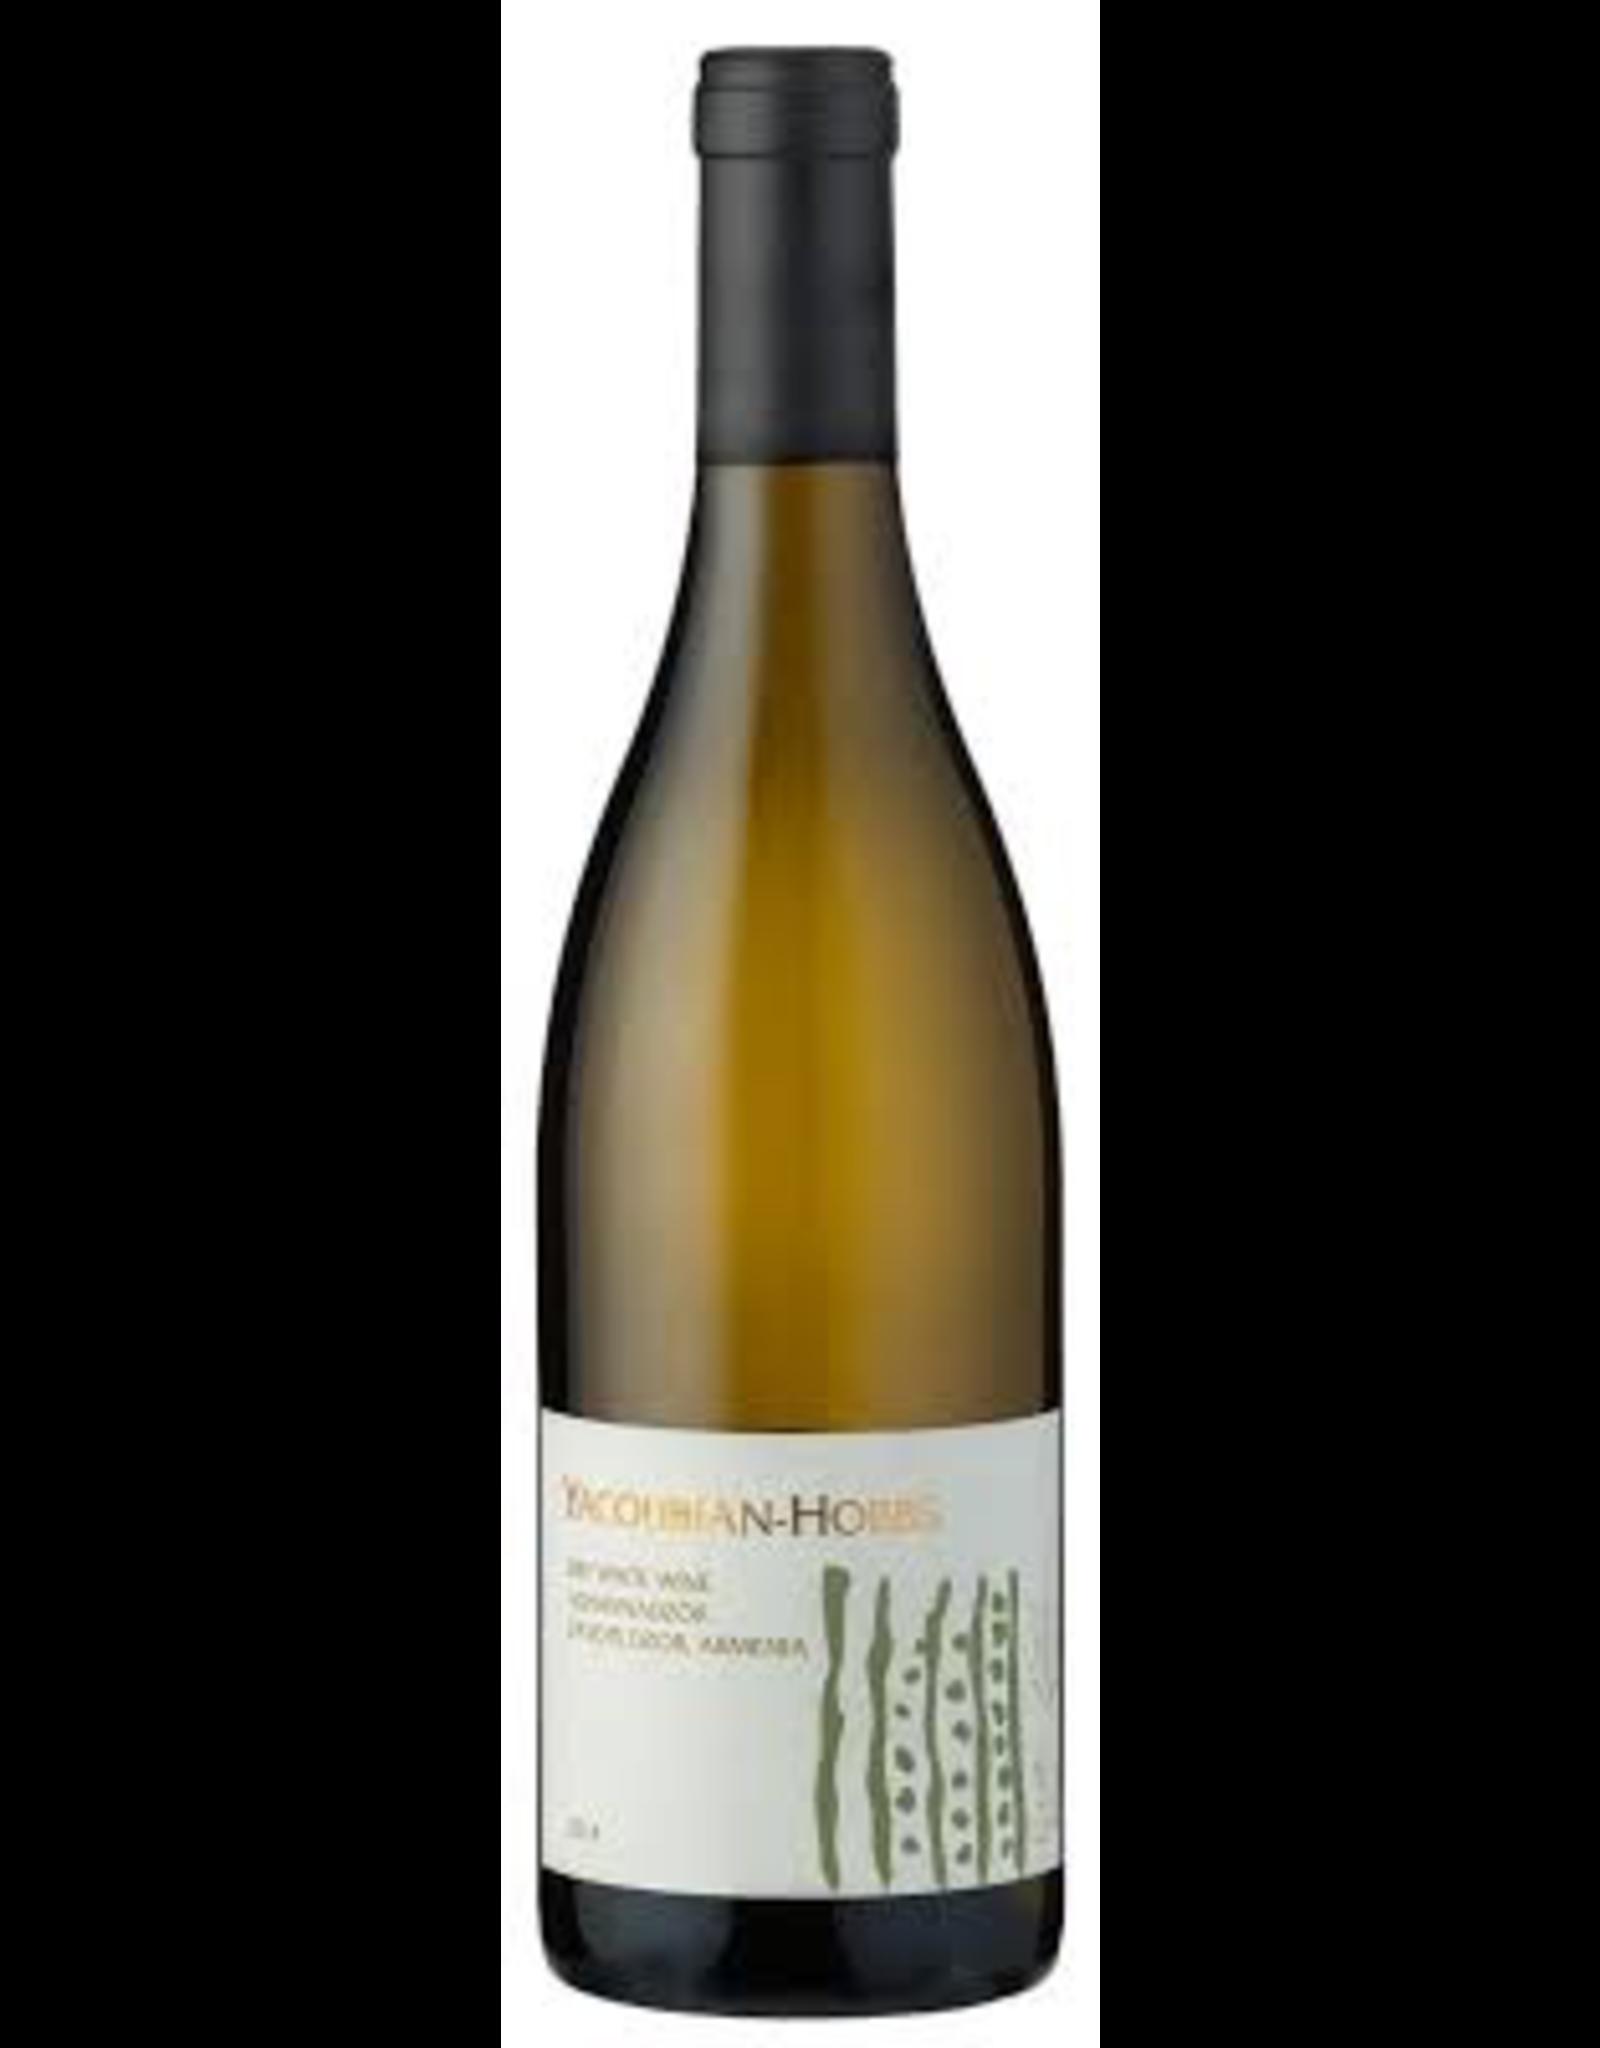 White Wine 2017, Yacoubian & Paul Hobbs Dry White Blend AGHANVADZOR, Rare White Blend, Aghavnadzor, Vayots Dzor, Armenia, 14% Alc, CTnr, TW92